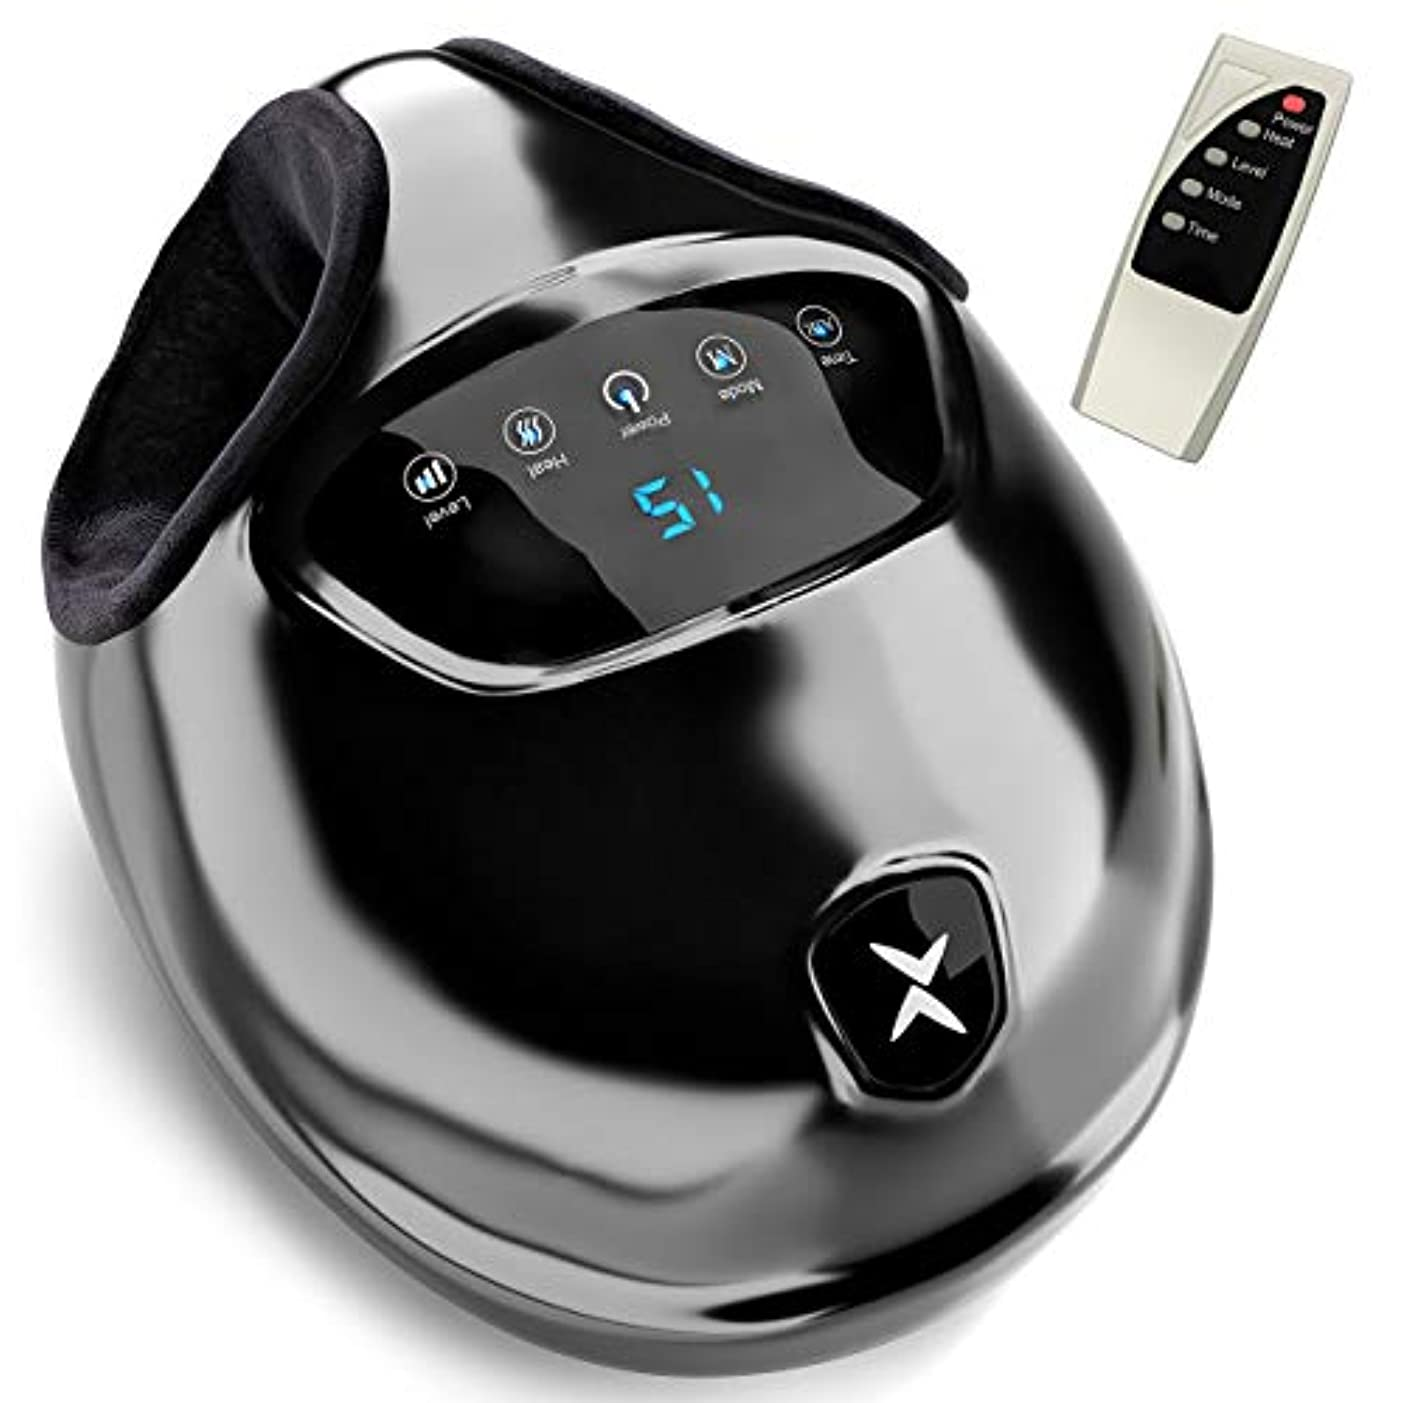 海マイナス計器[Realax ][Realax Shiatsu Foot Massager with Heat - Electric Feet Massager Machine with Deep Kneading Massage and Air Compression Therapy for Home and Office.](Parallel Imported Goods) (Black)